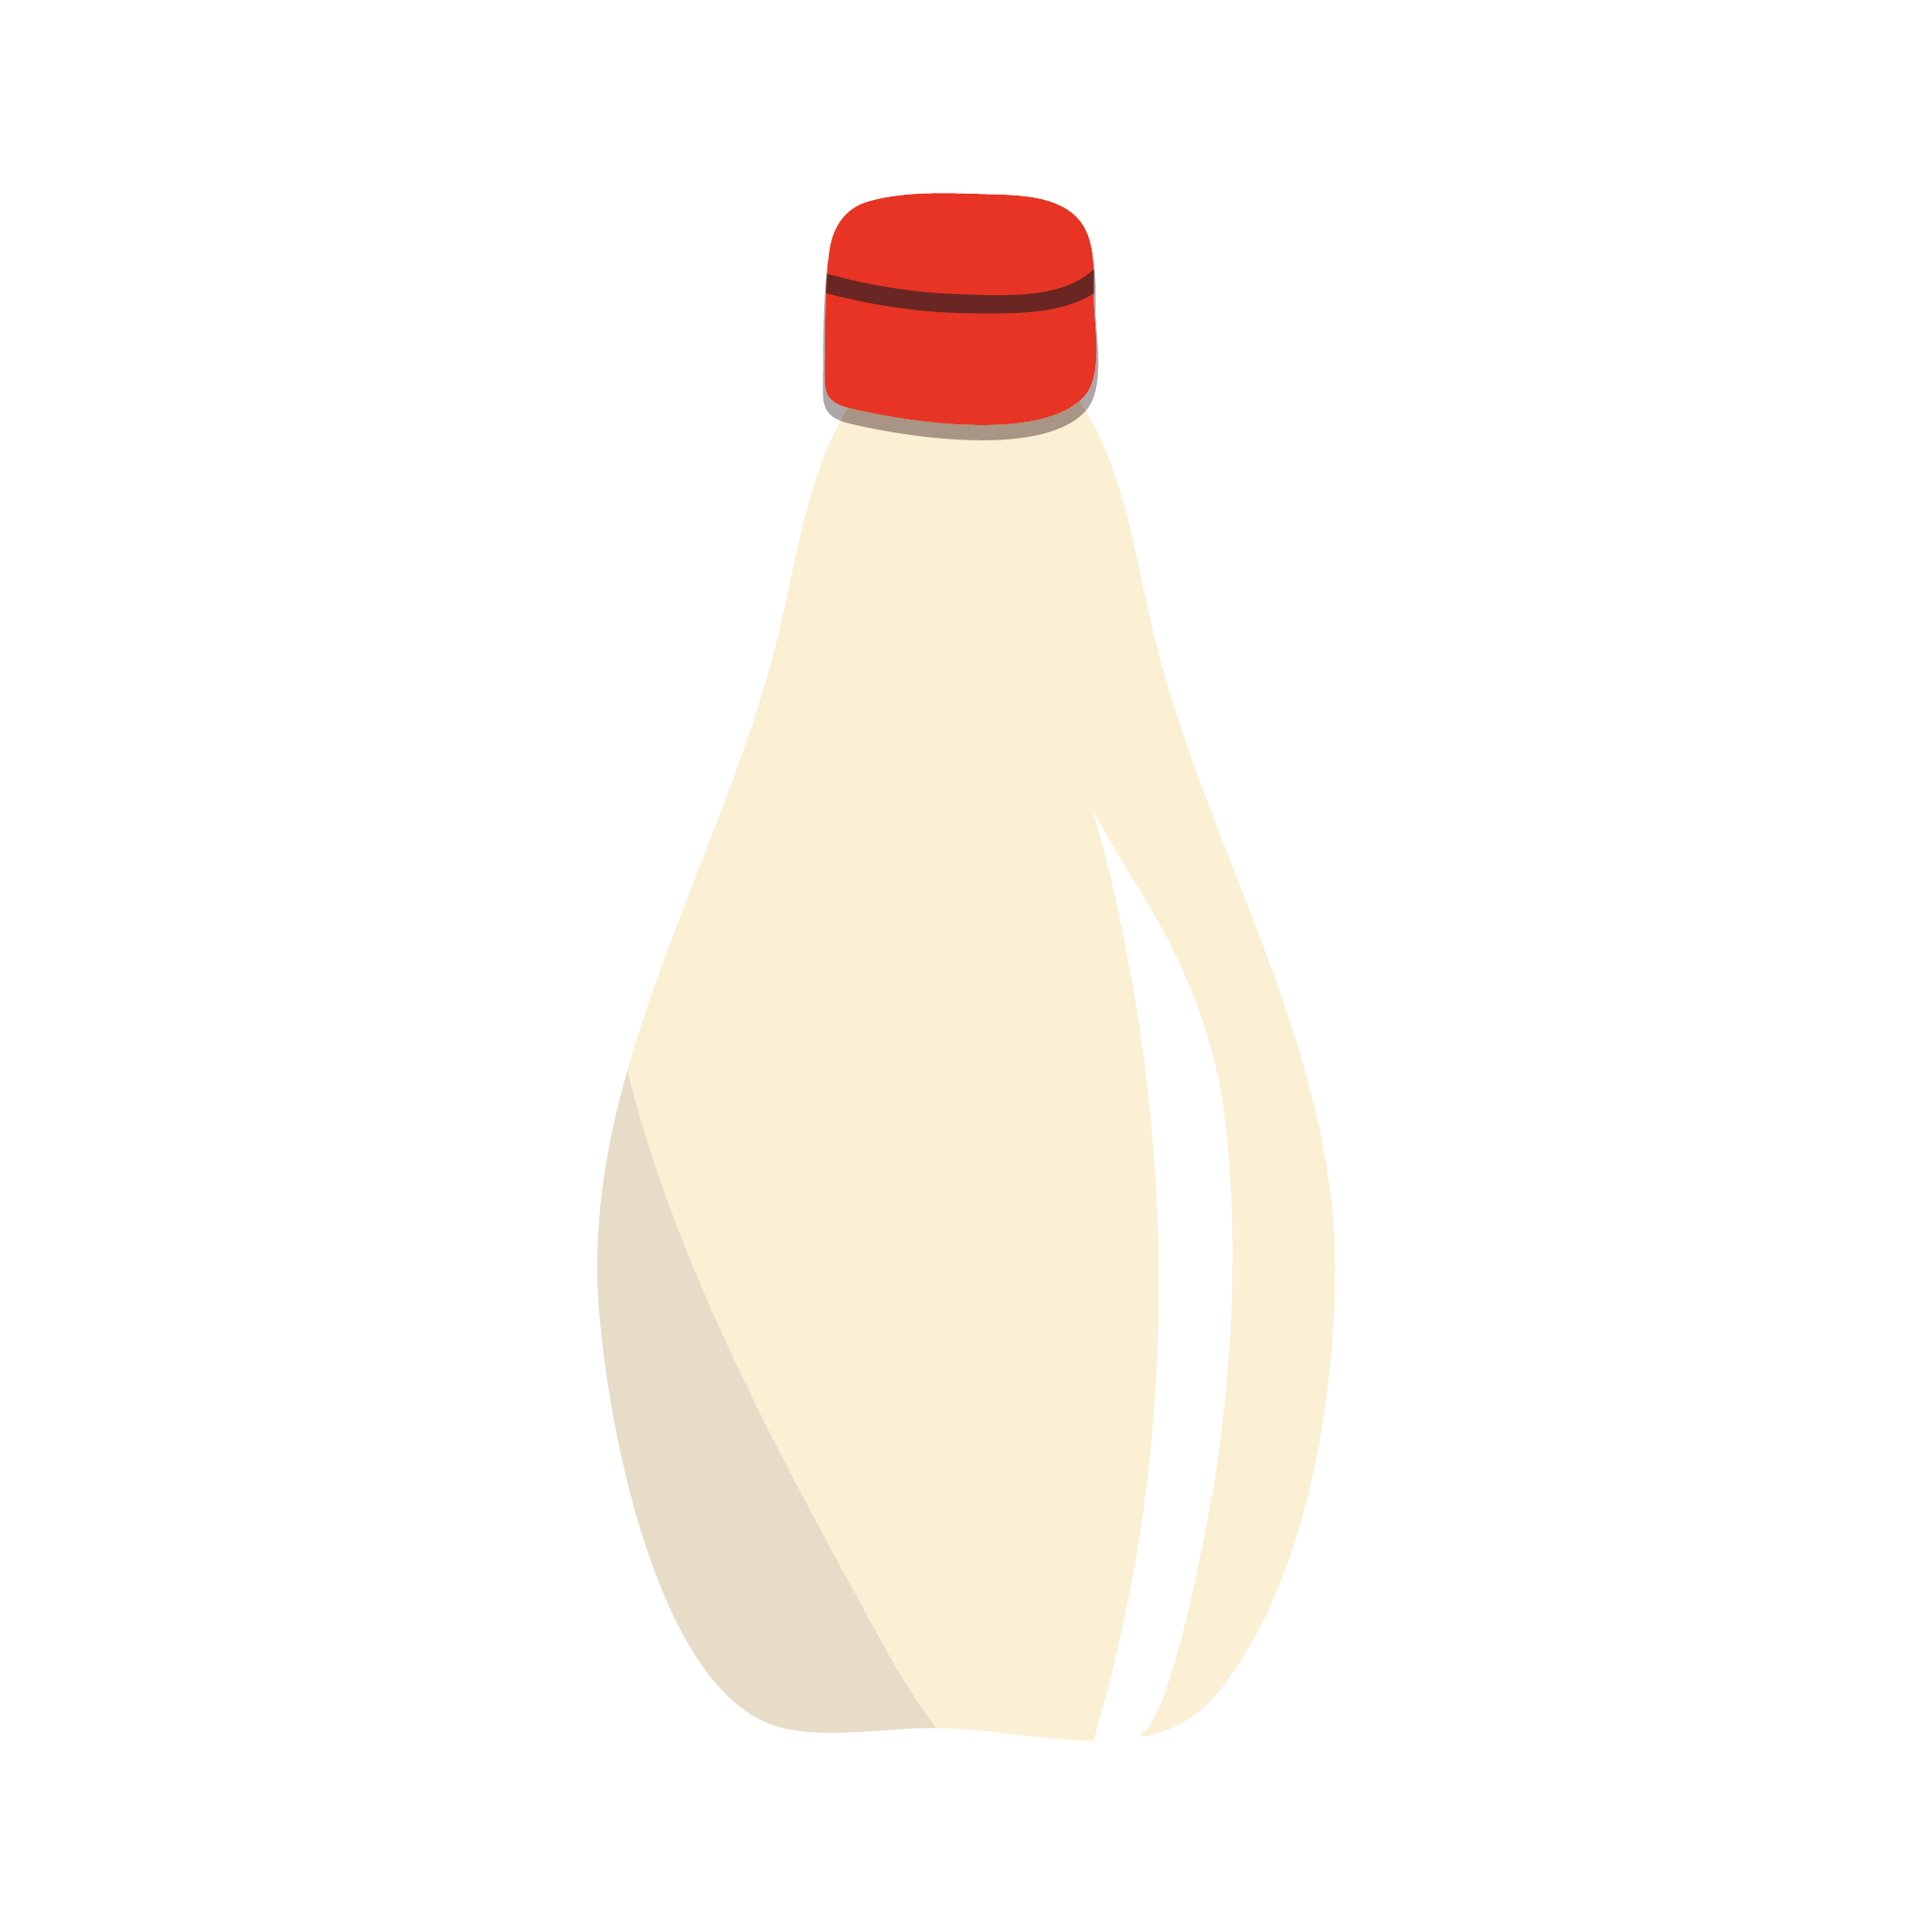 mayonnaise-01.png